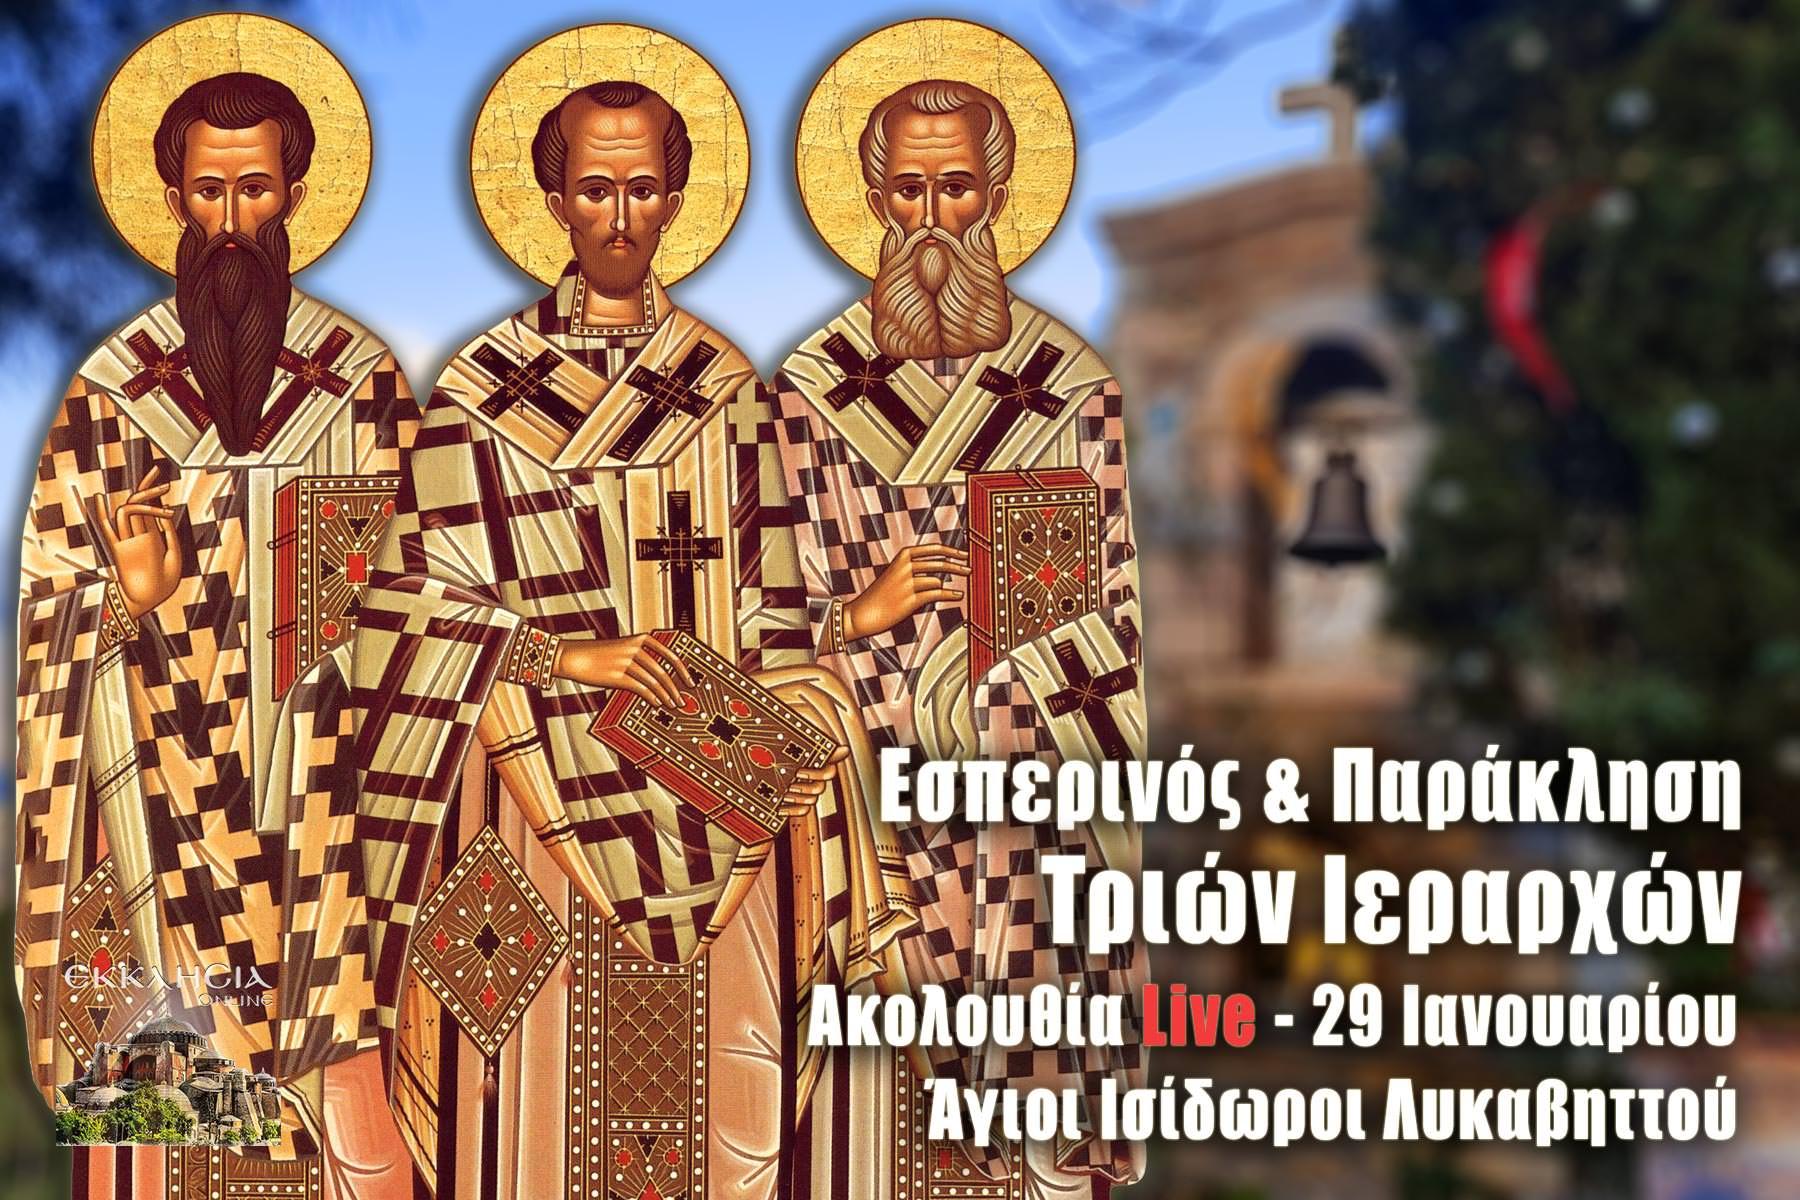 Τριών Ιεραρχών Εσπερινός live Λυκαβηττός 29 Ιανουαρίου